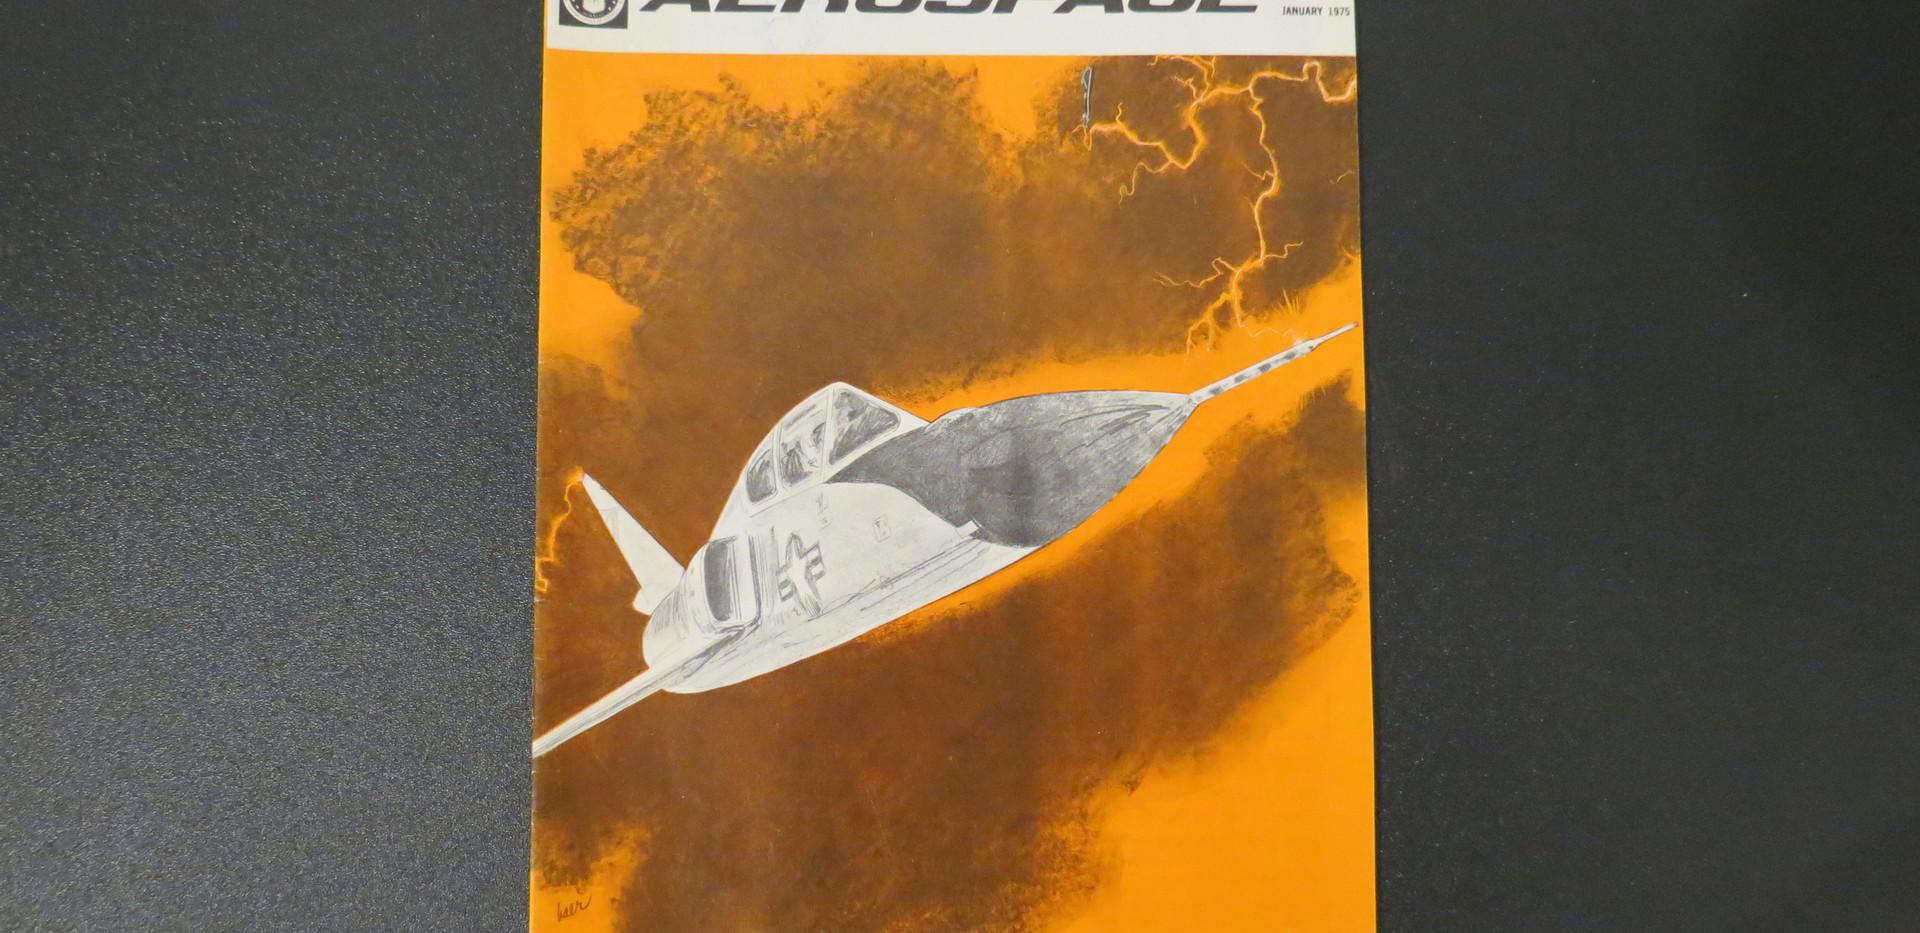 Aerospace Safety magazine 1975